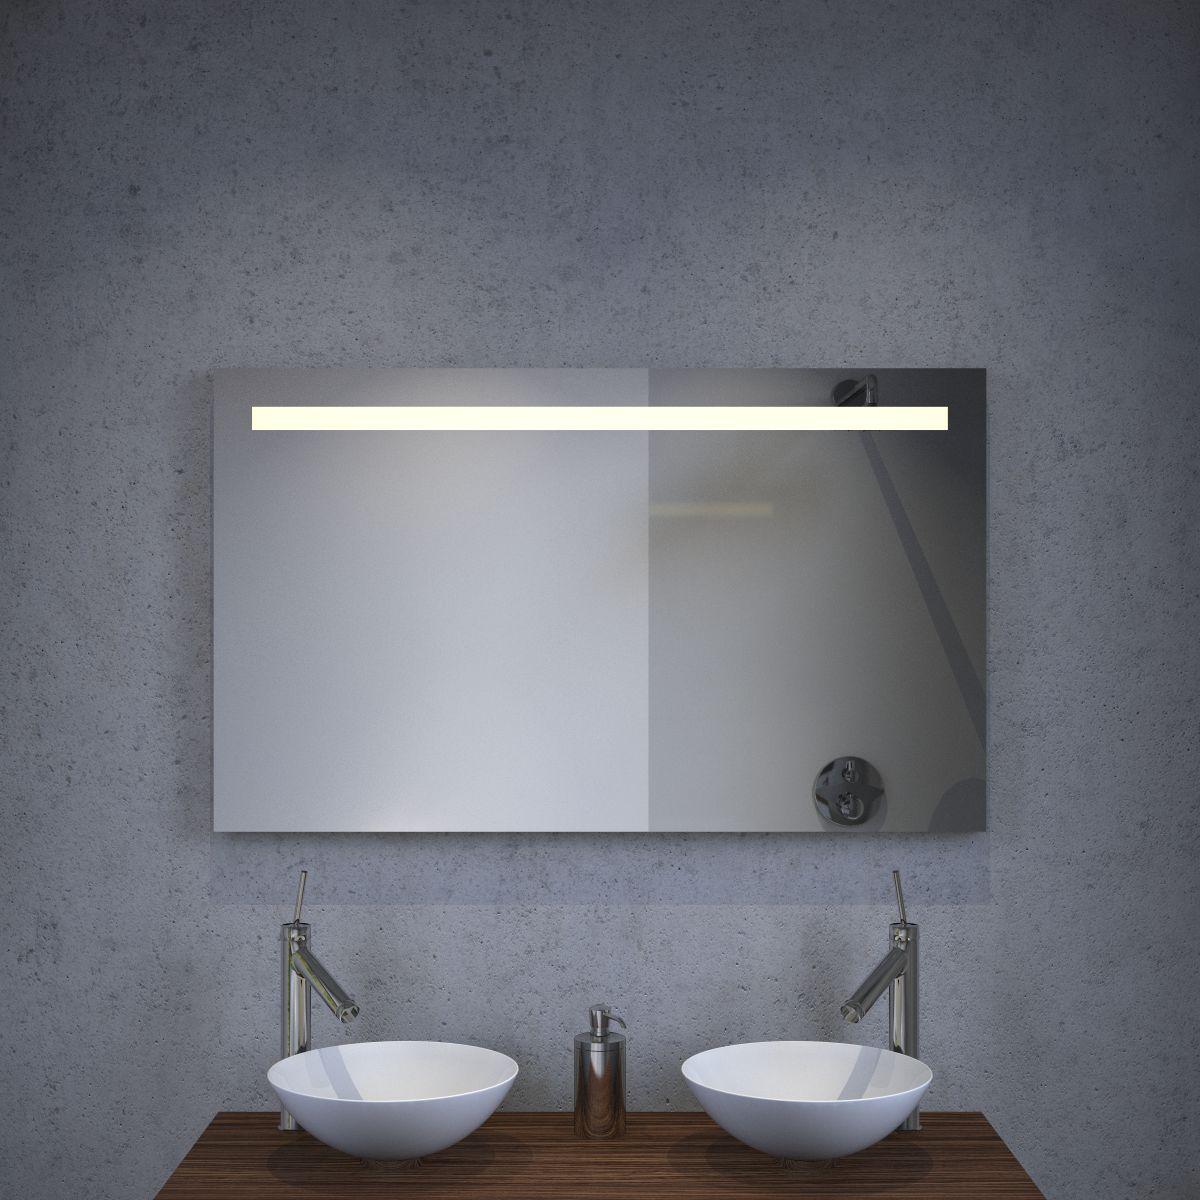 Badkamer spiegel met dimbare verlichting en spiegel verwarming ...